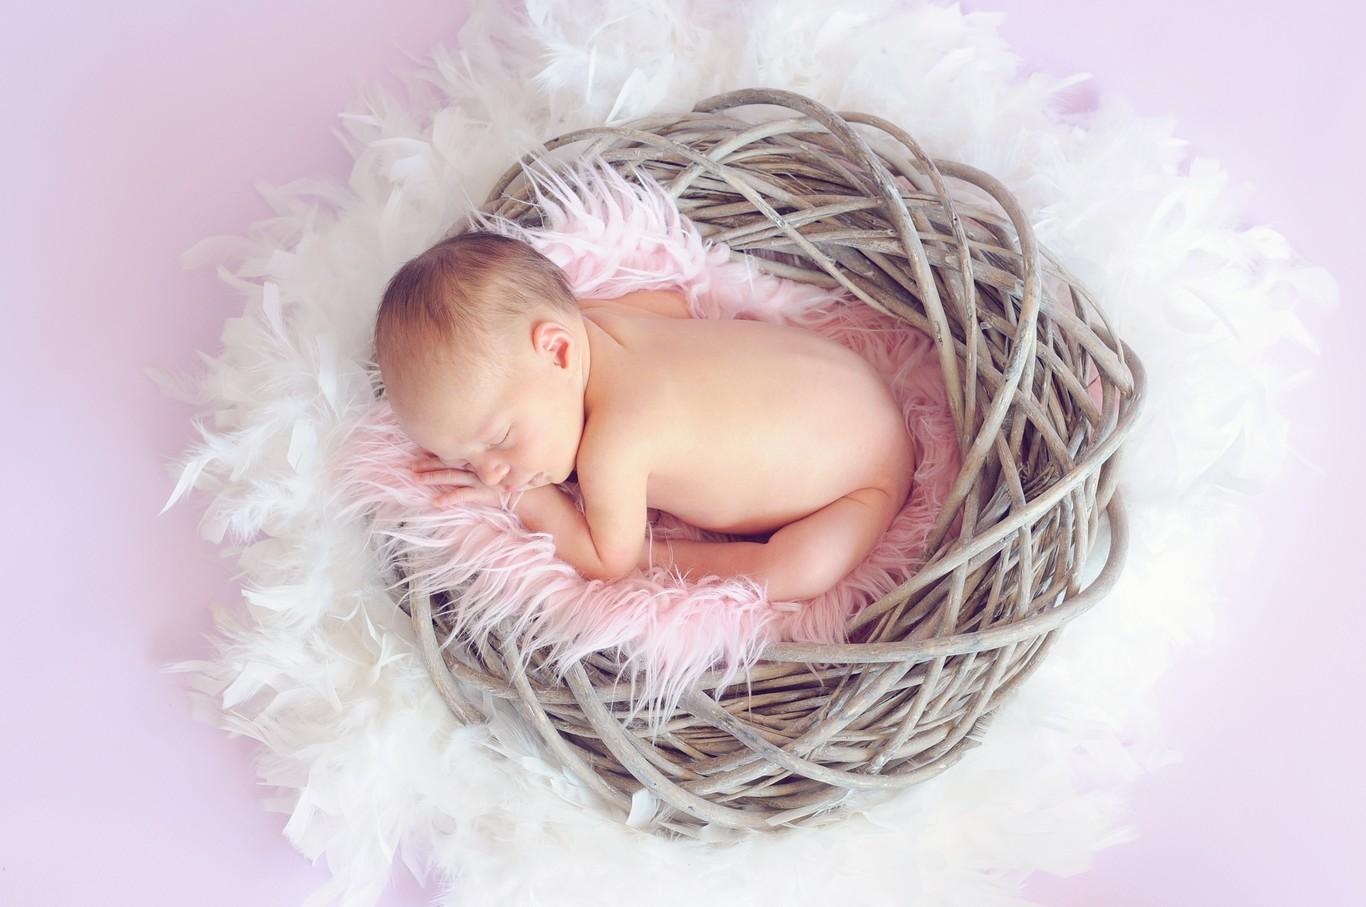 20 semanas de embarazo peso del bebe para parto normal